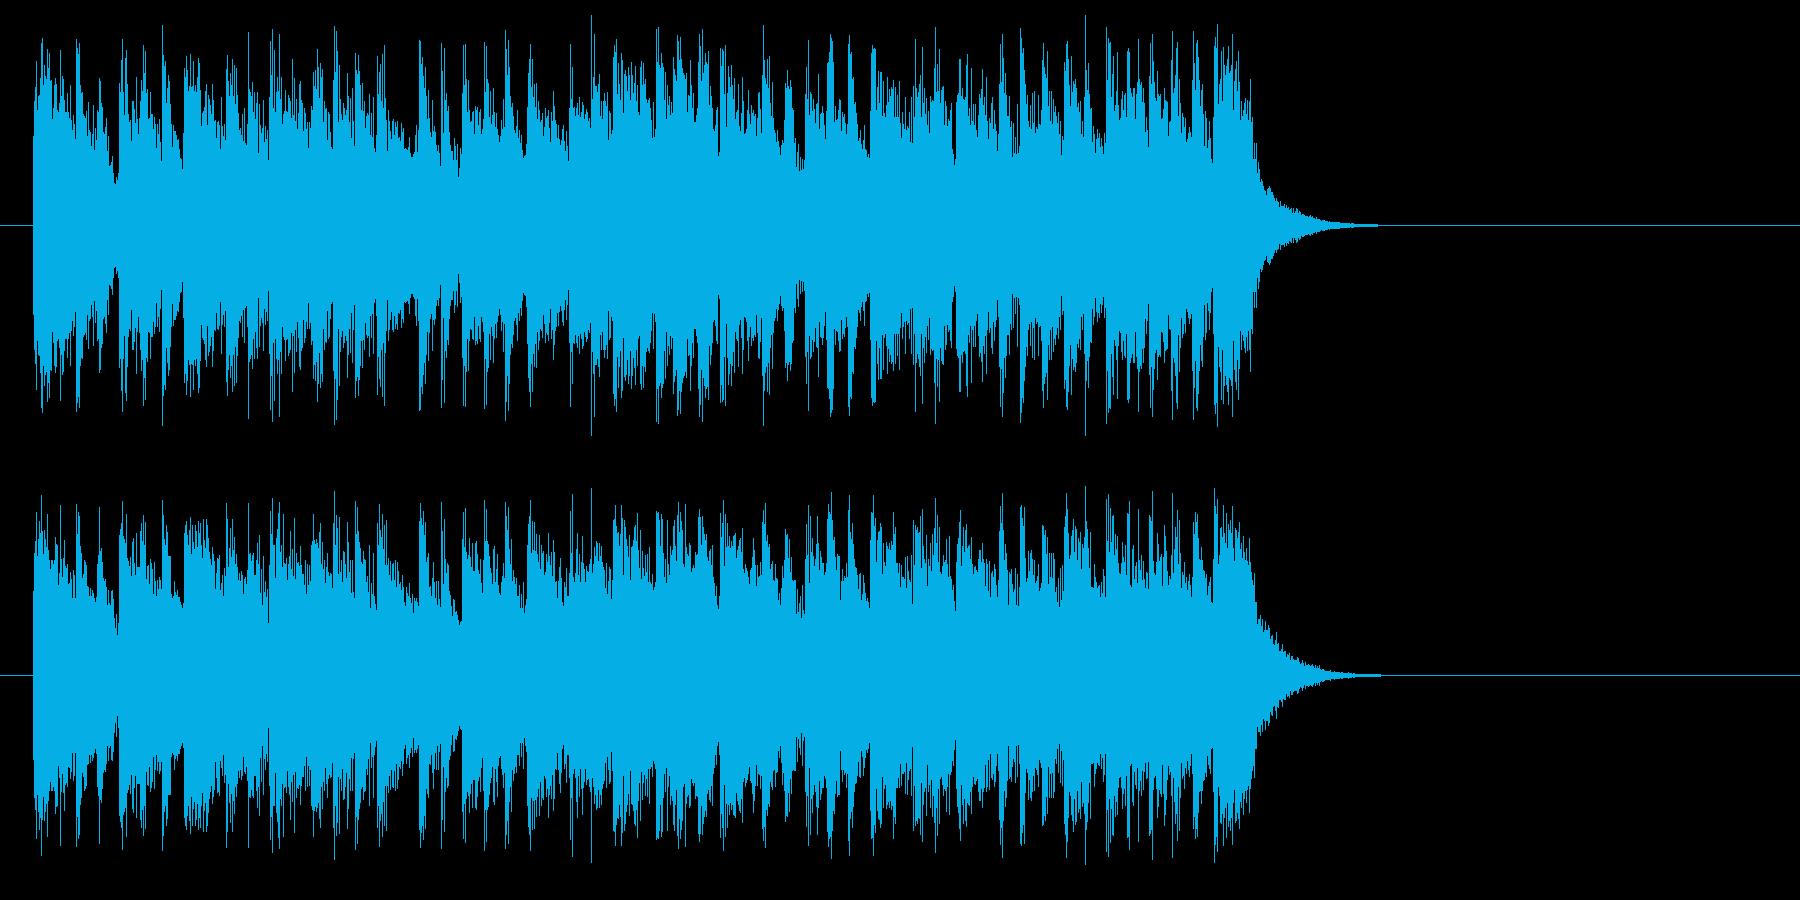 目覚め爽やかモーニング・ポップス風の再生済みの波形